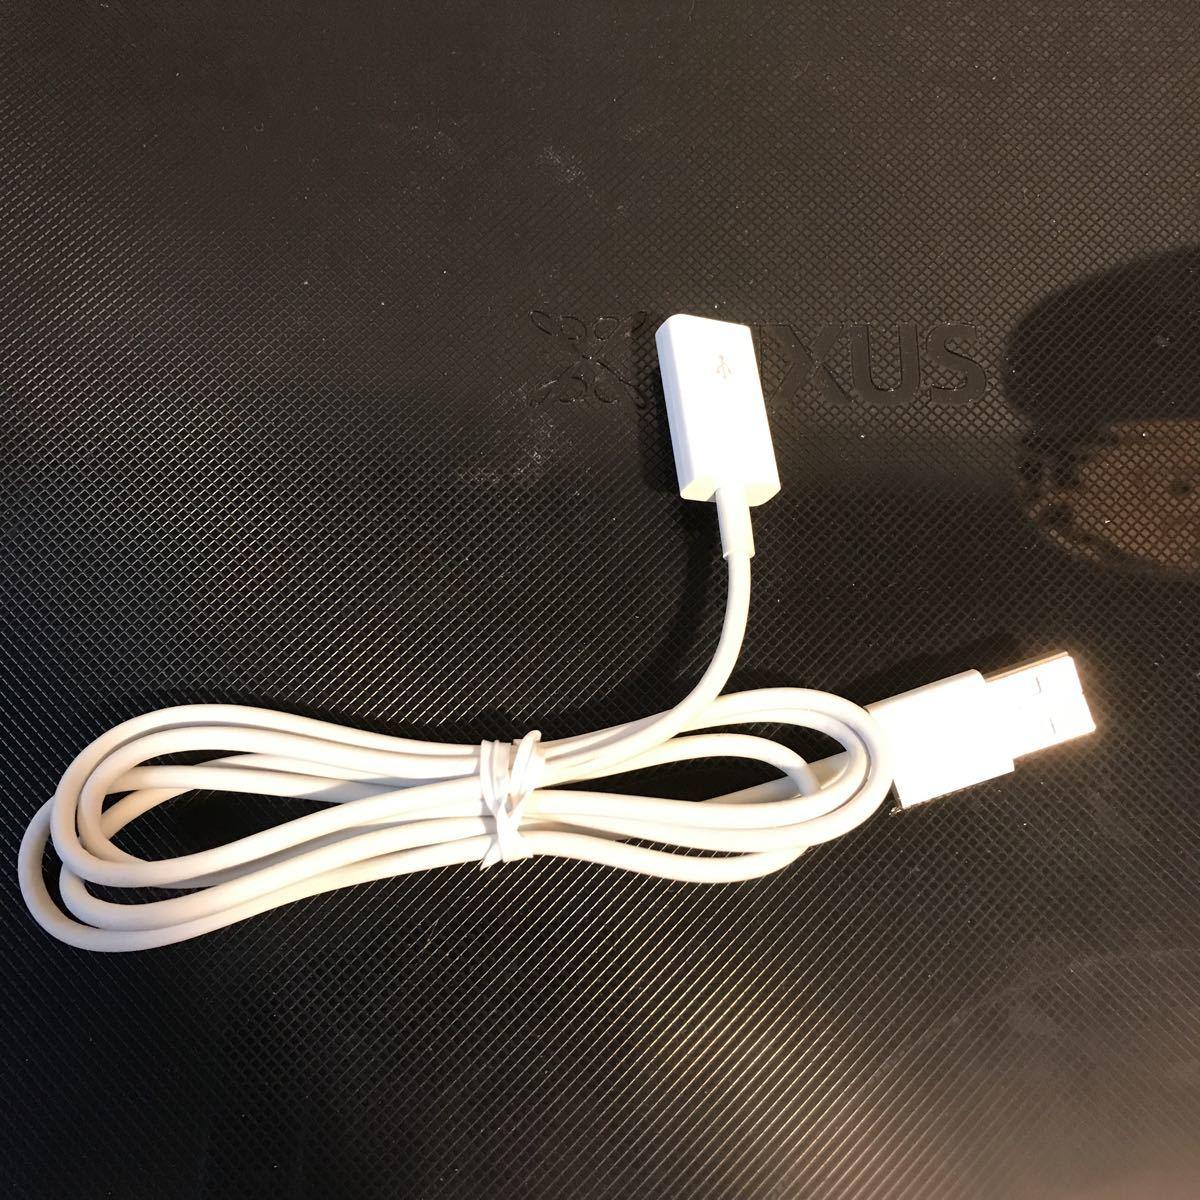 USB延長ケーブル 白 約1メートル 中古